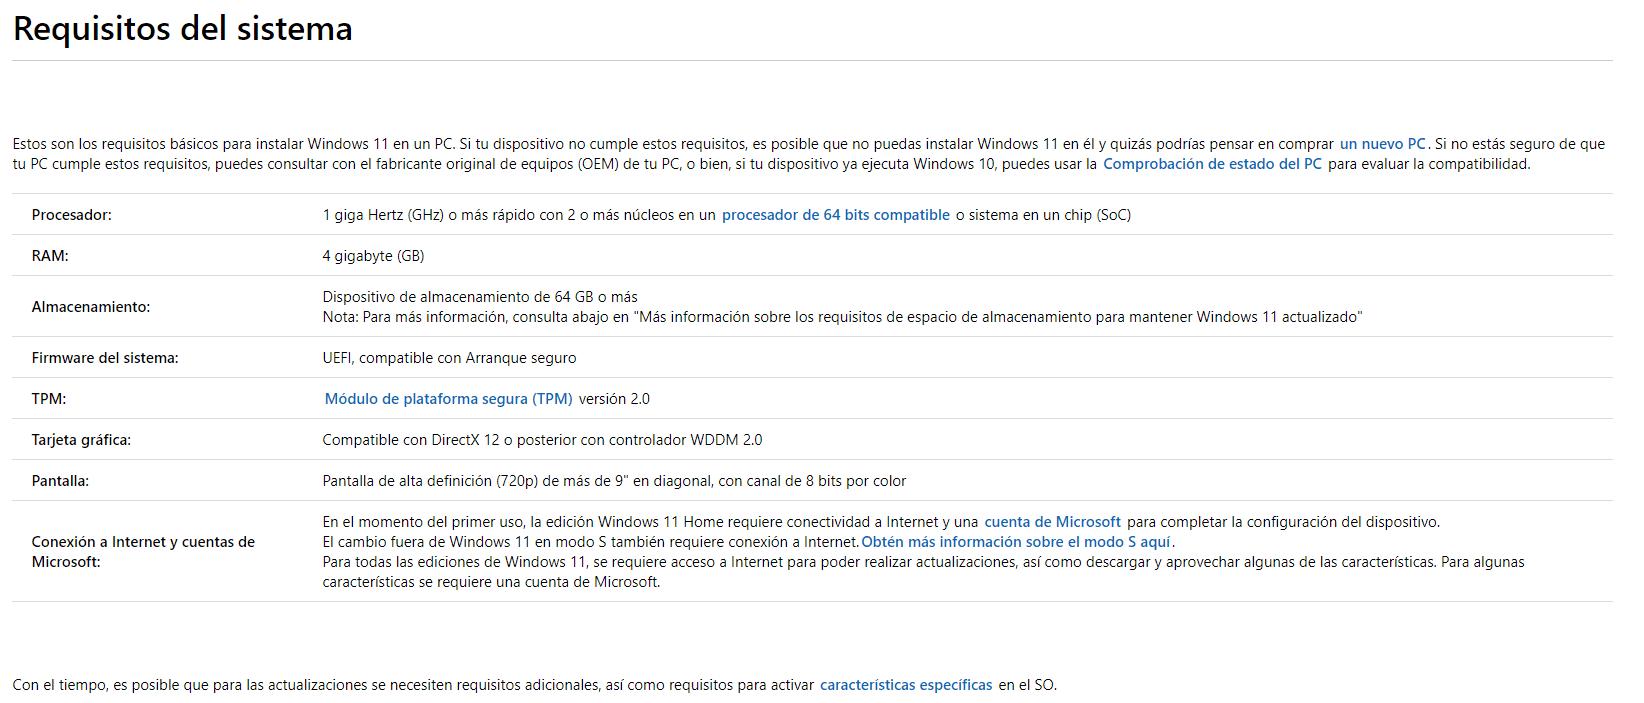 image1 requisitos del sistema windows 11